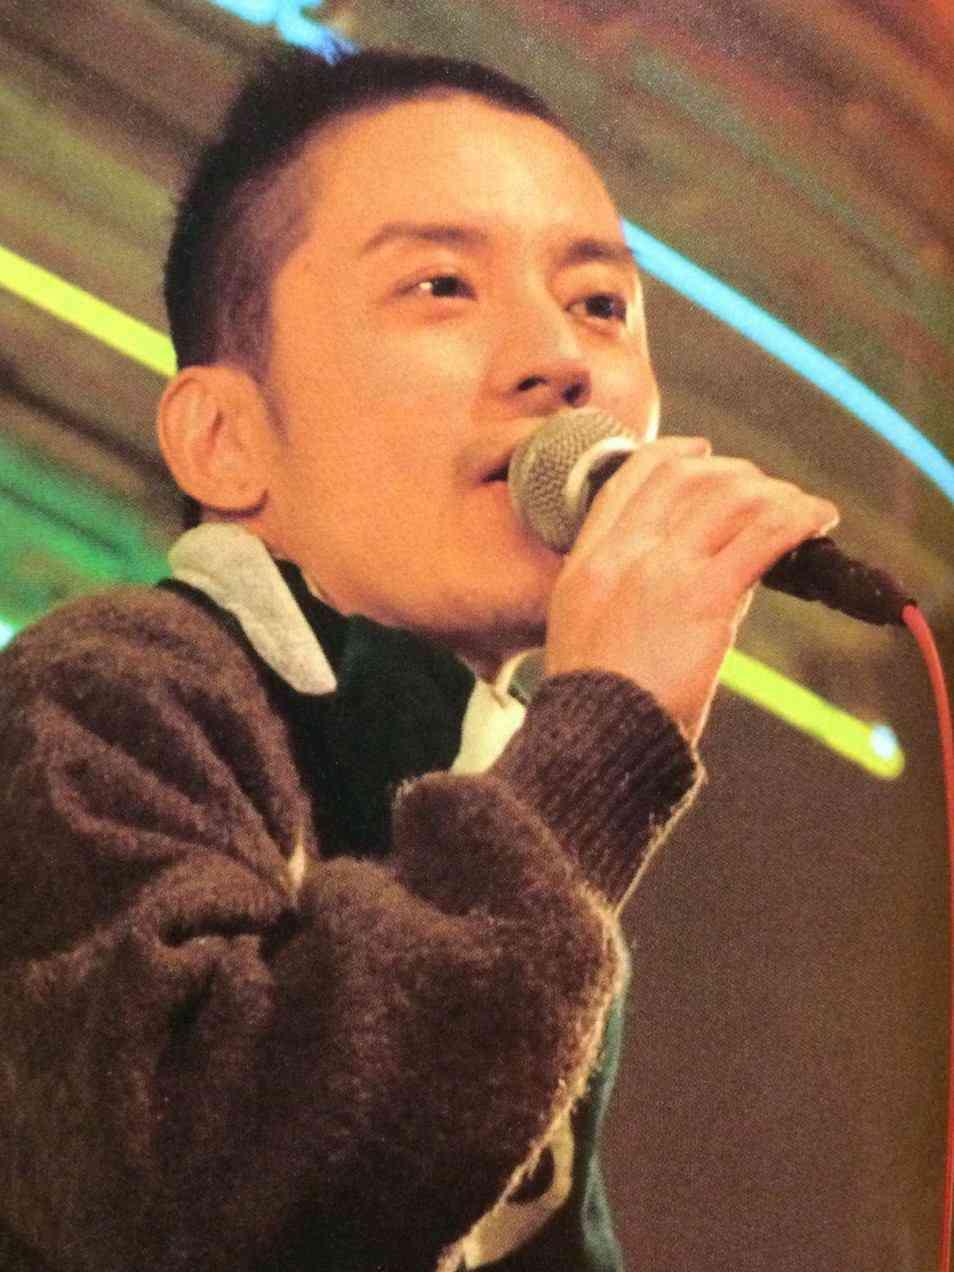 「アイドルが夢を売るって誰が決めたか知りませんけど…」関ジャニ∞・渋谷すばる、ライブでの発言で物議